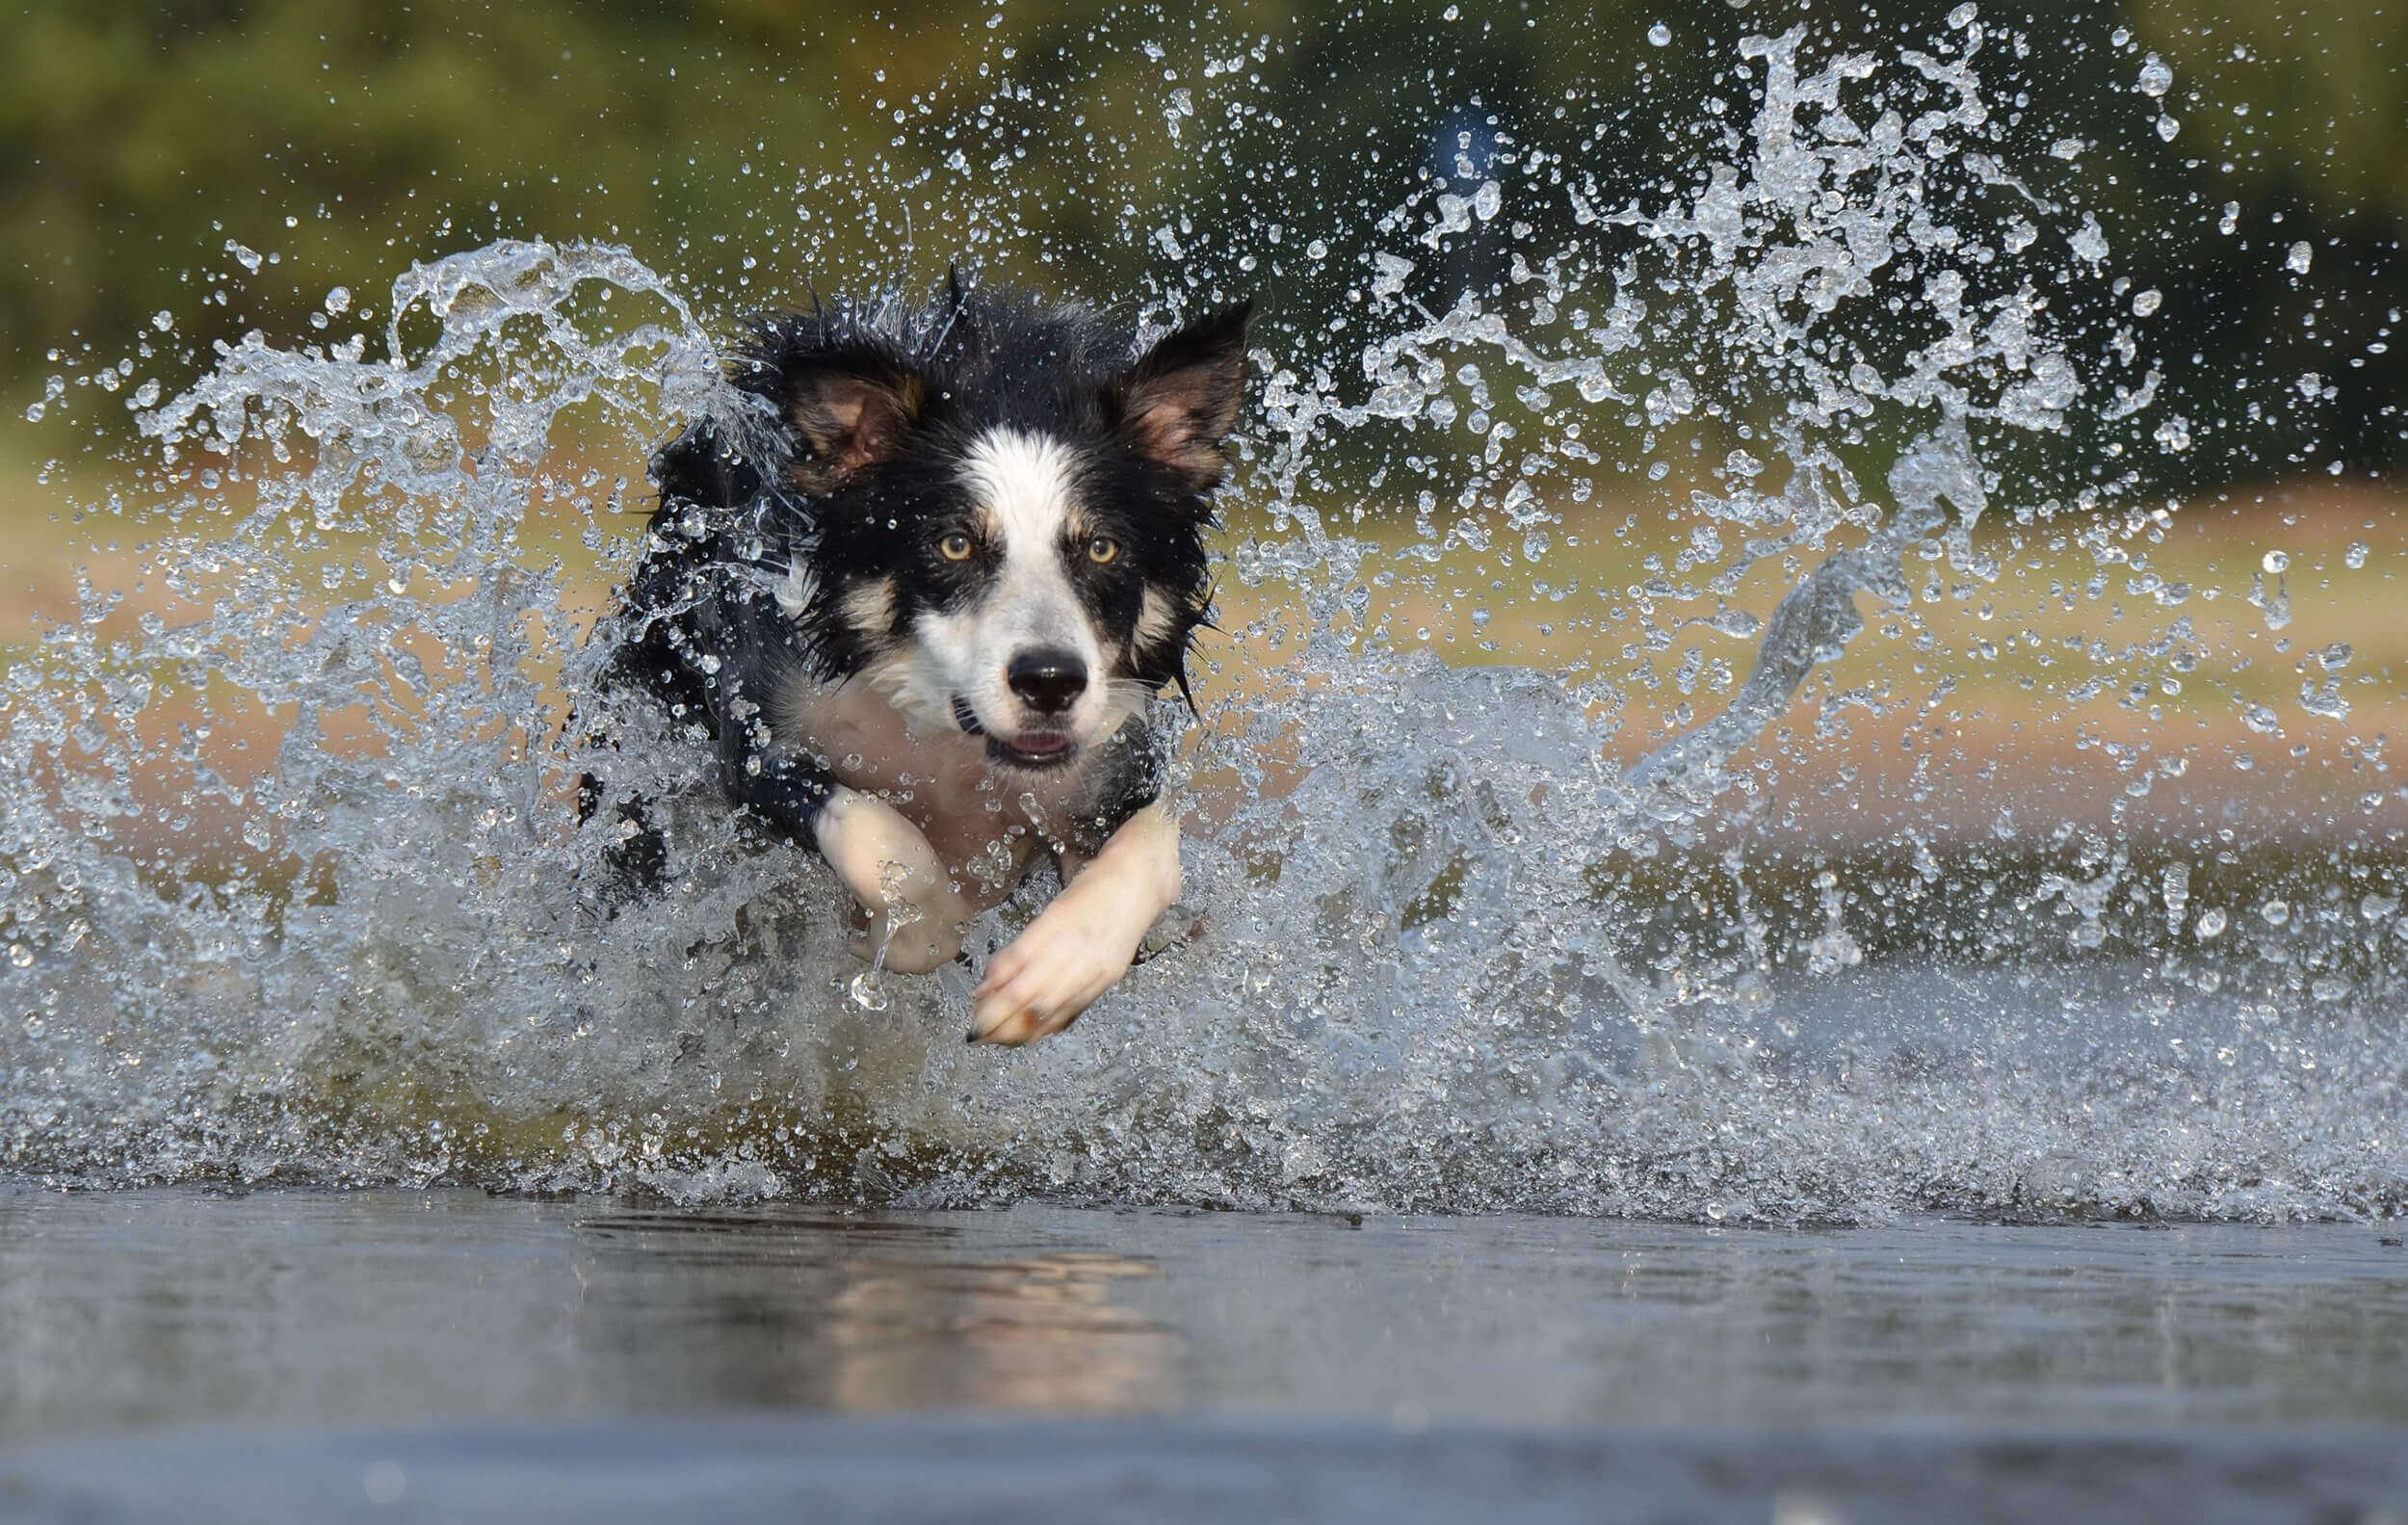 perro border collie corre en el agua